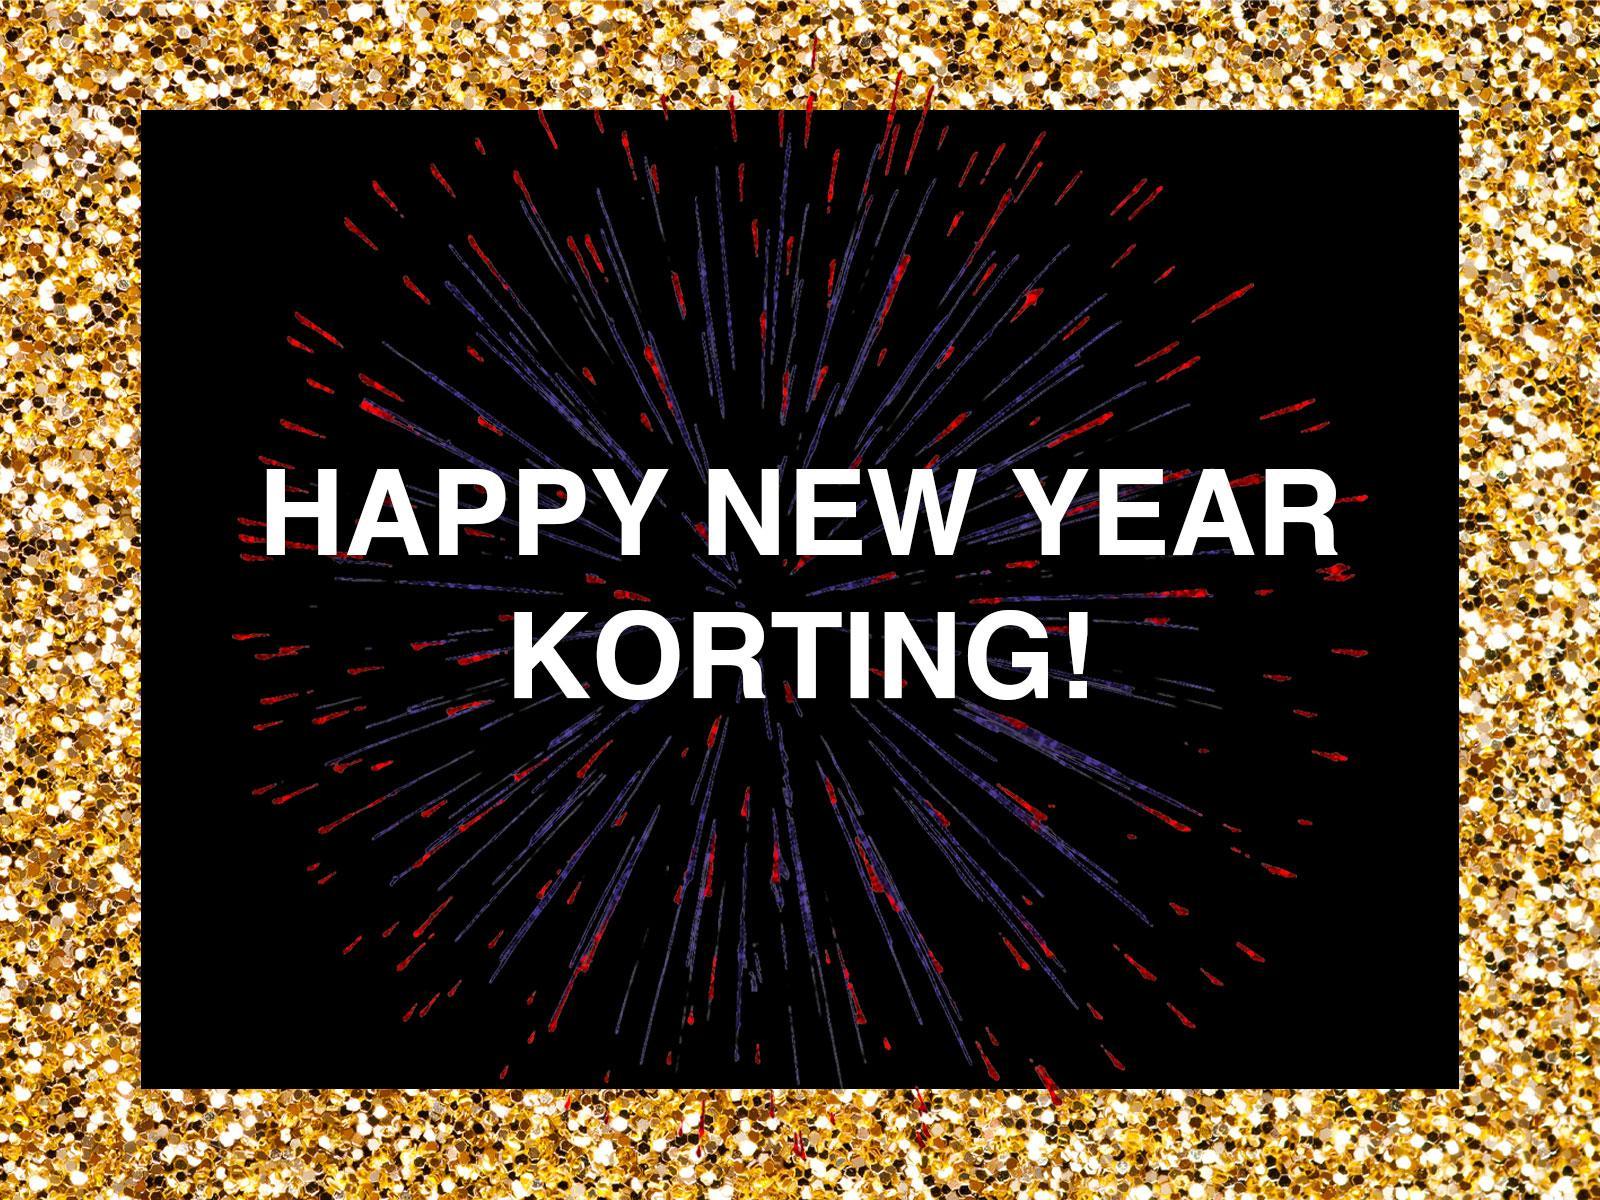 New Years Korting bij Vloerloods.nl Kortingscode Vloerloods